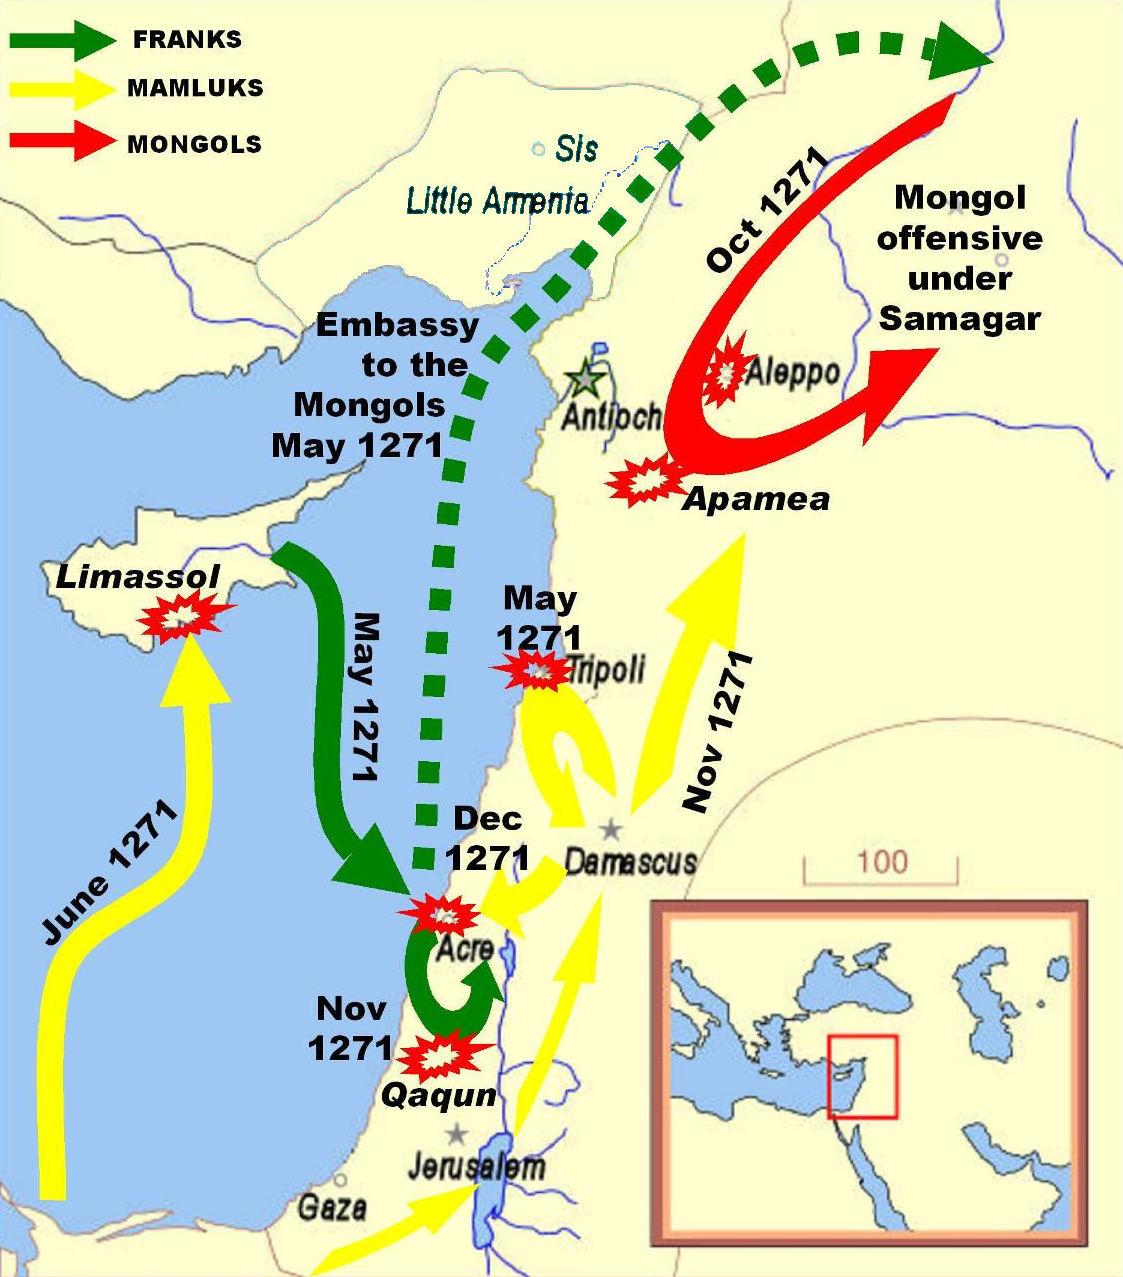 第九次十字軍東征 - 維基百科,自由的百科全書